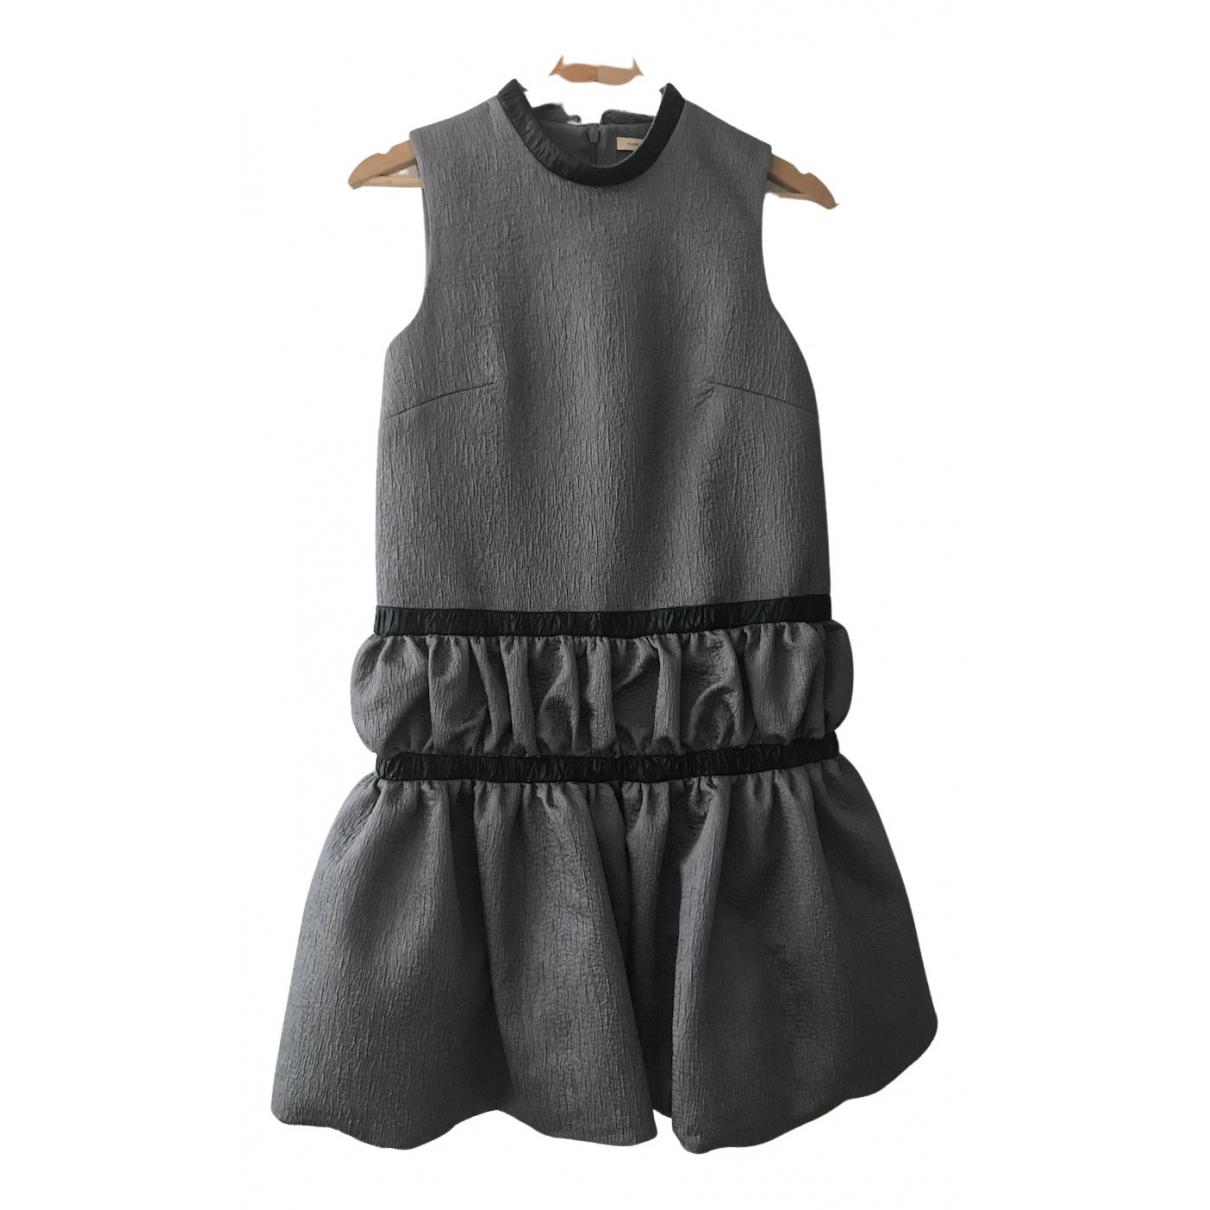 Christopher Kane \N Kleid in  Grau Polyester